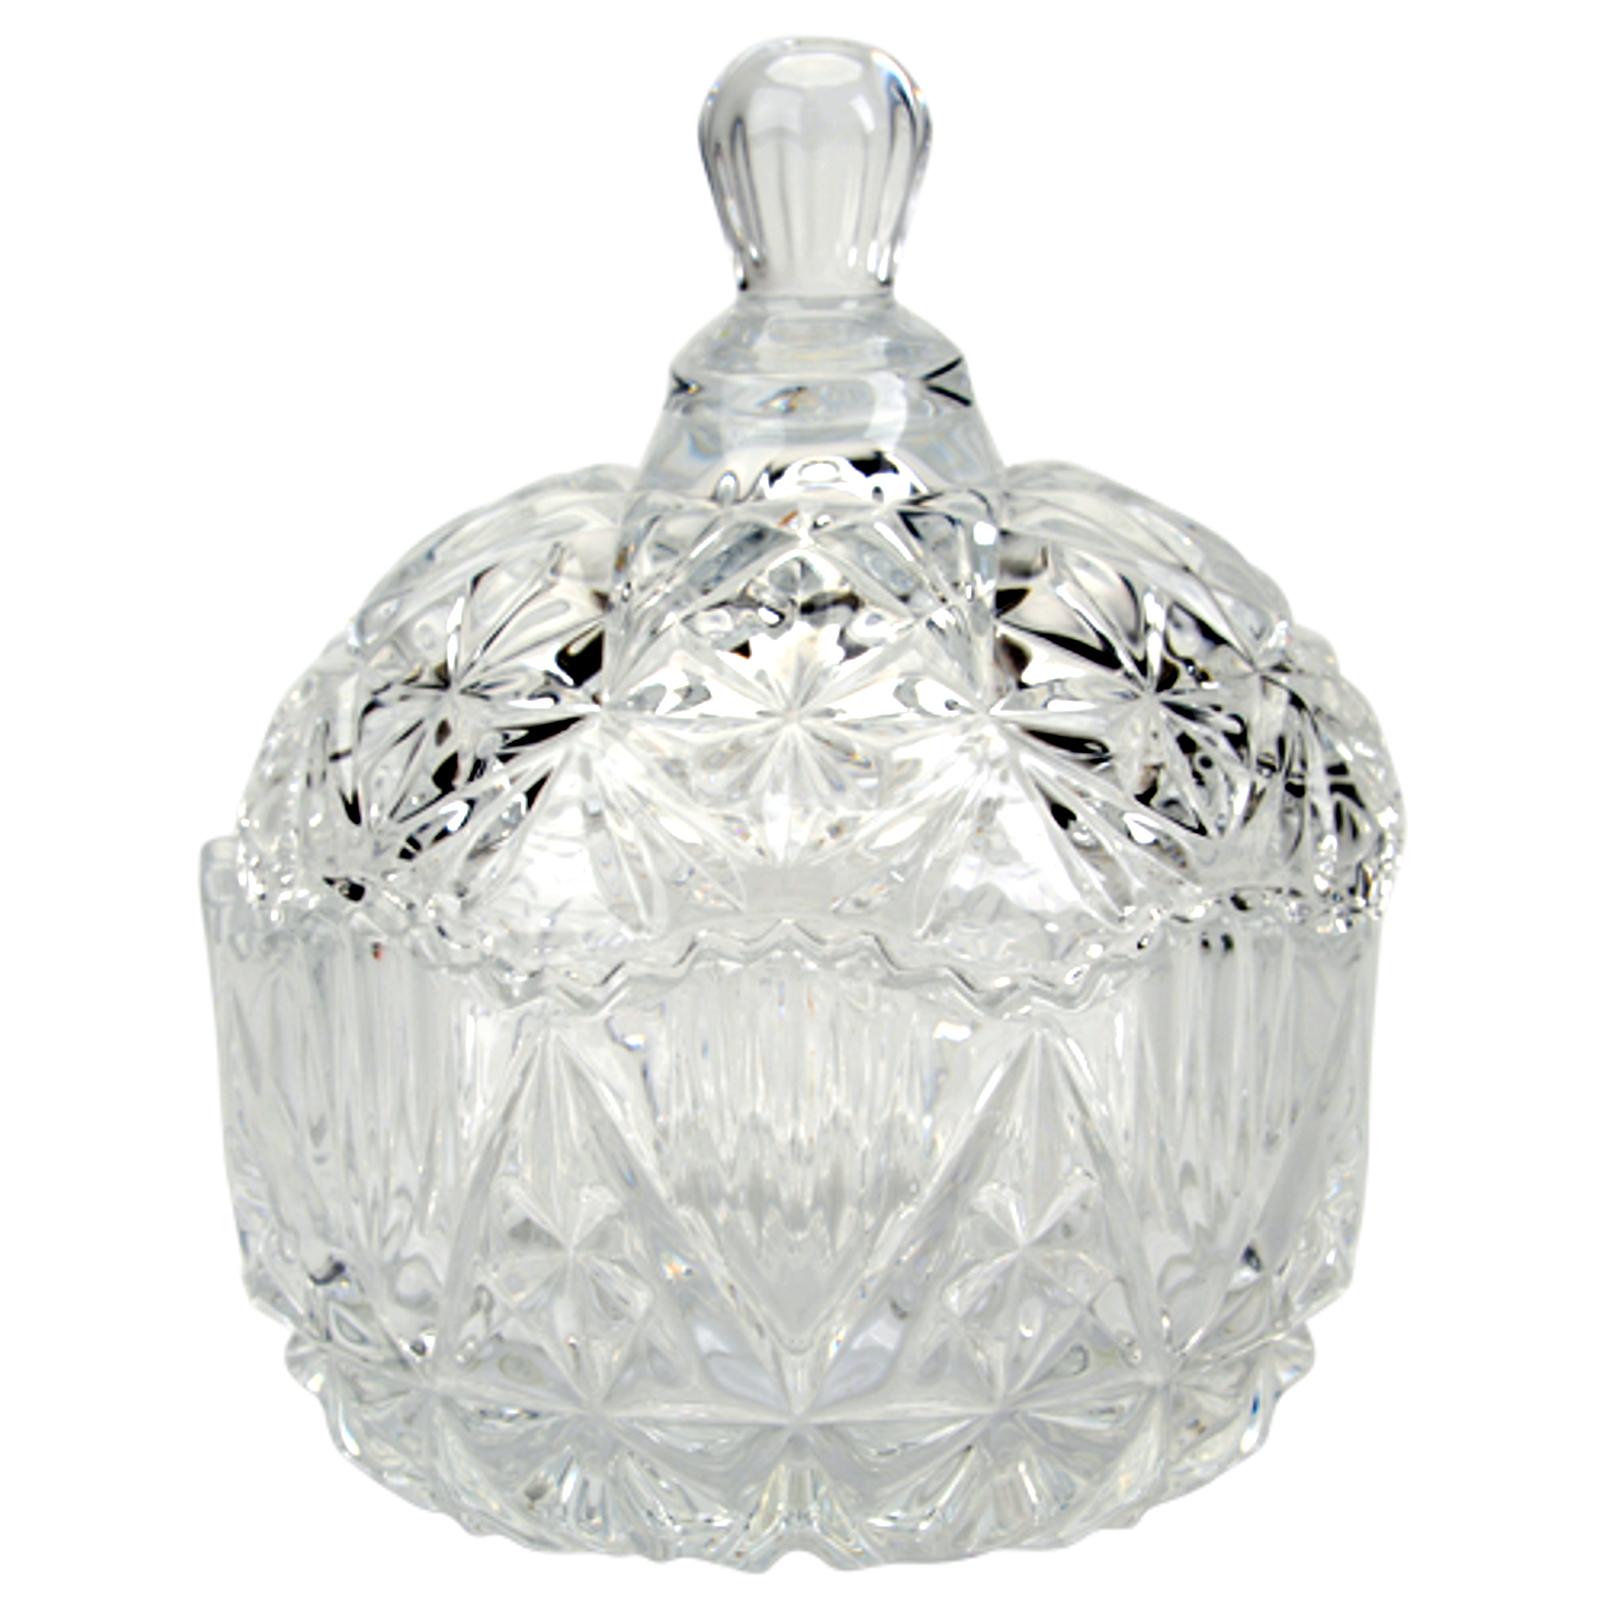 Kristallschale mit deckel glas schale glasbecher bonboniere mit verzierungen ebay for Edelstahlsaule mit schale